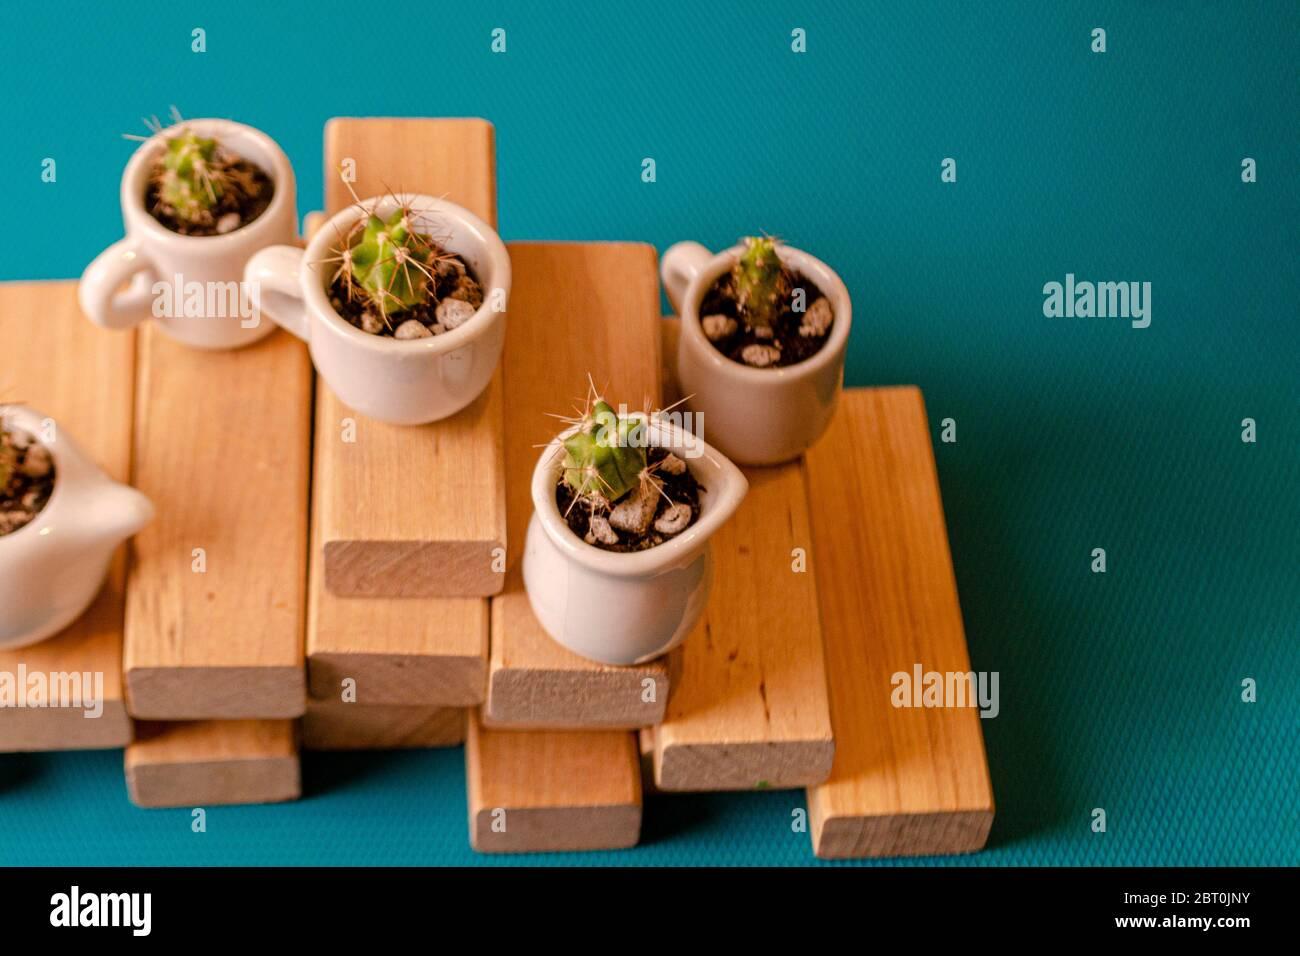 Pequeños cactuses ornamentales en las cuestas de cerámica sobre tablas de madera. Composición de mini jardines de suculentos espinosos sobre el fondo azul. PL Foto de stock